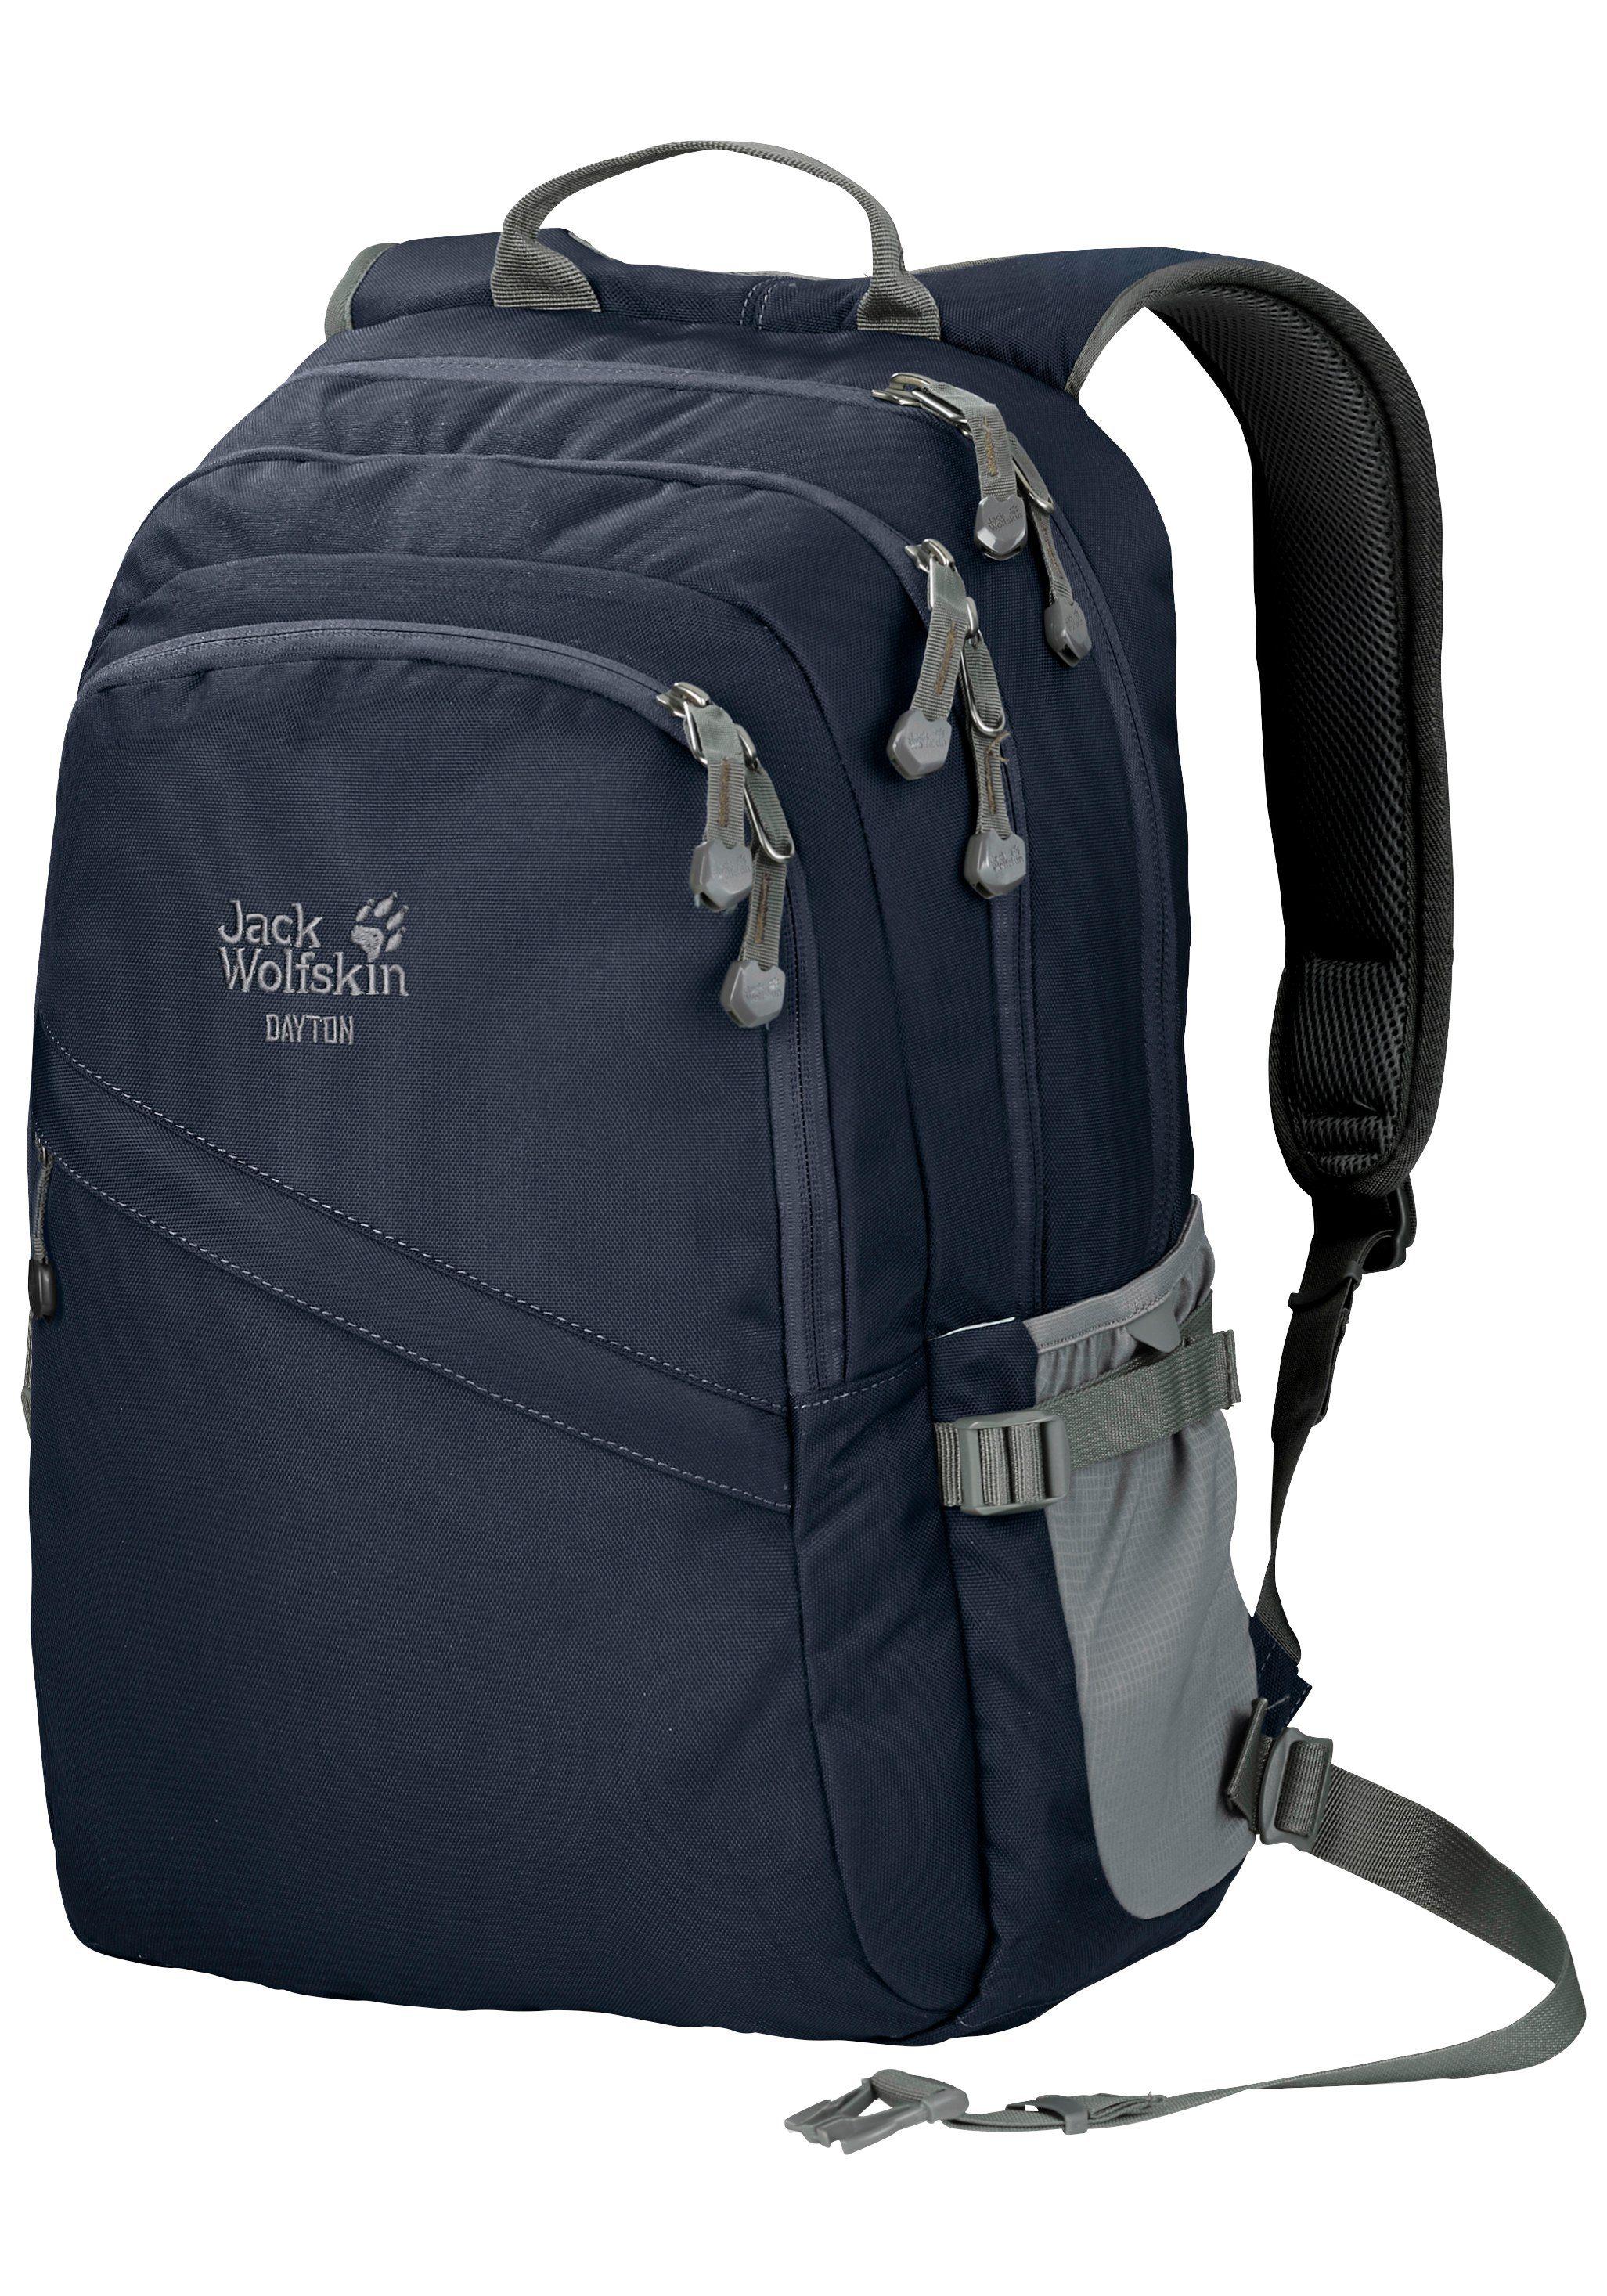 Jack Wolfskin Daypack »DAYTON«, Rucksack von Jack Wolfskin online kaufen | OTTO